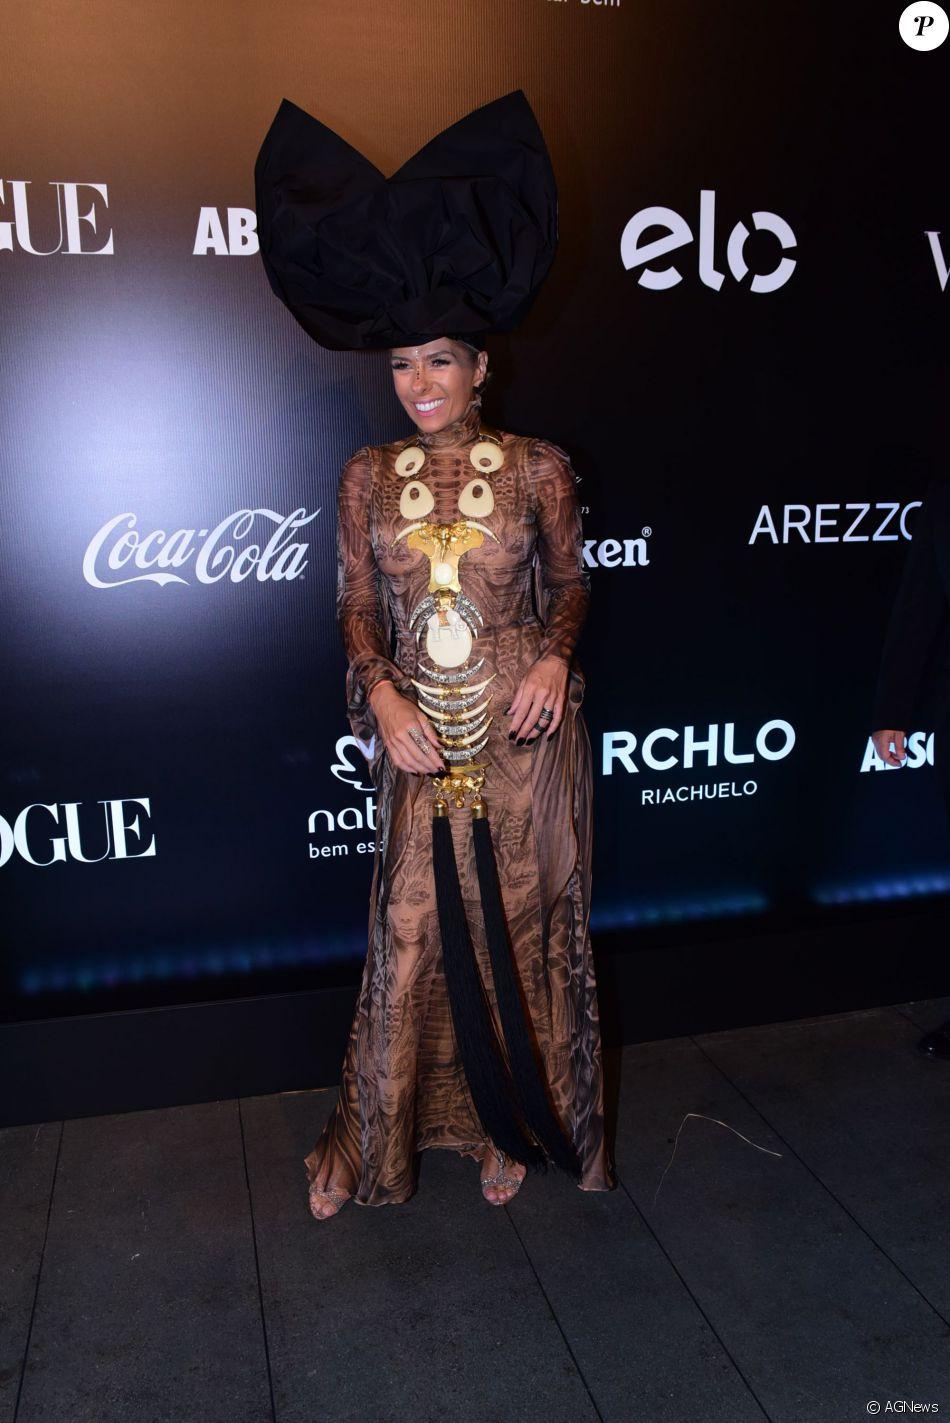 a1a4a5aeffb9e Adriane Galisteu chamou a atenção no Baile da Vogue 2016 com vestido  estampado cheio de detalhes étnicos e, na cabeça, um superturbante preto